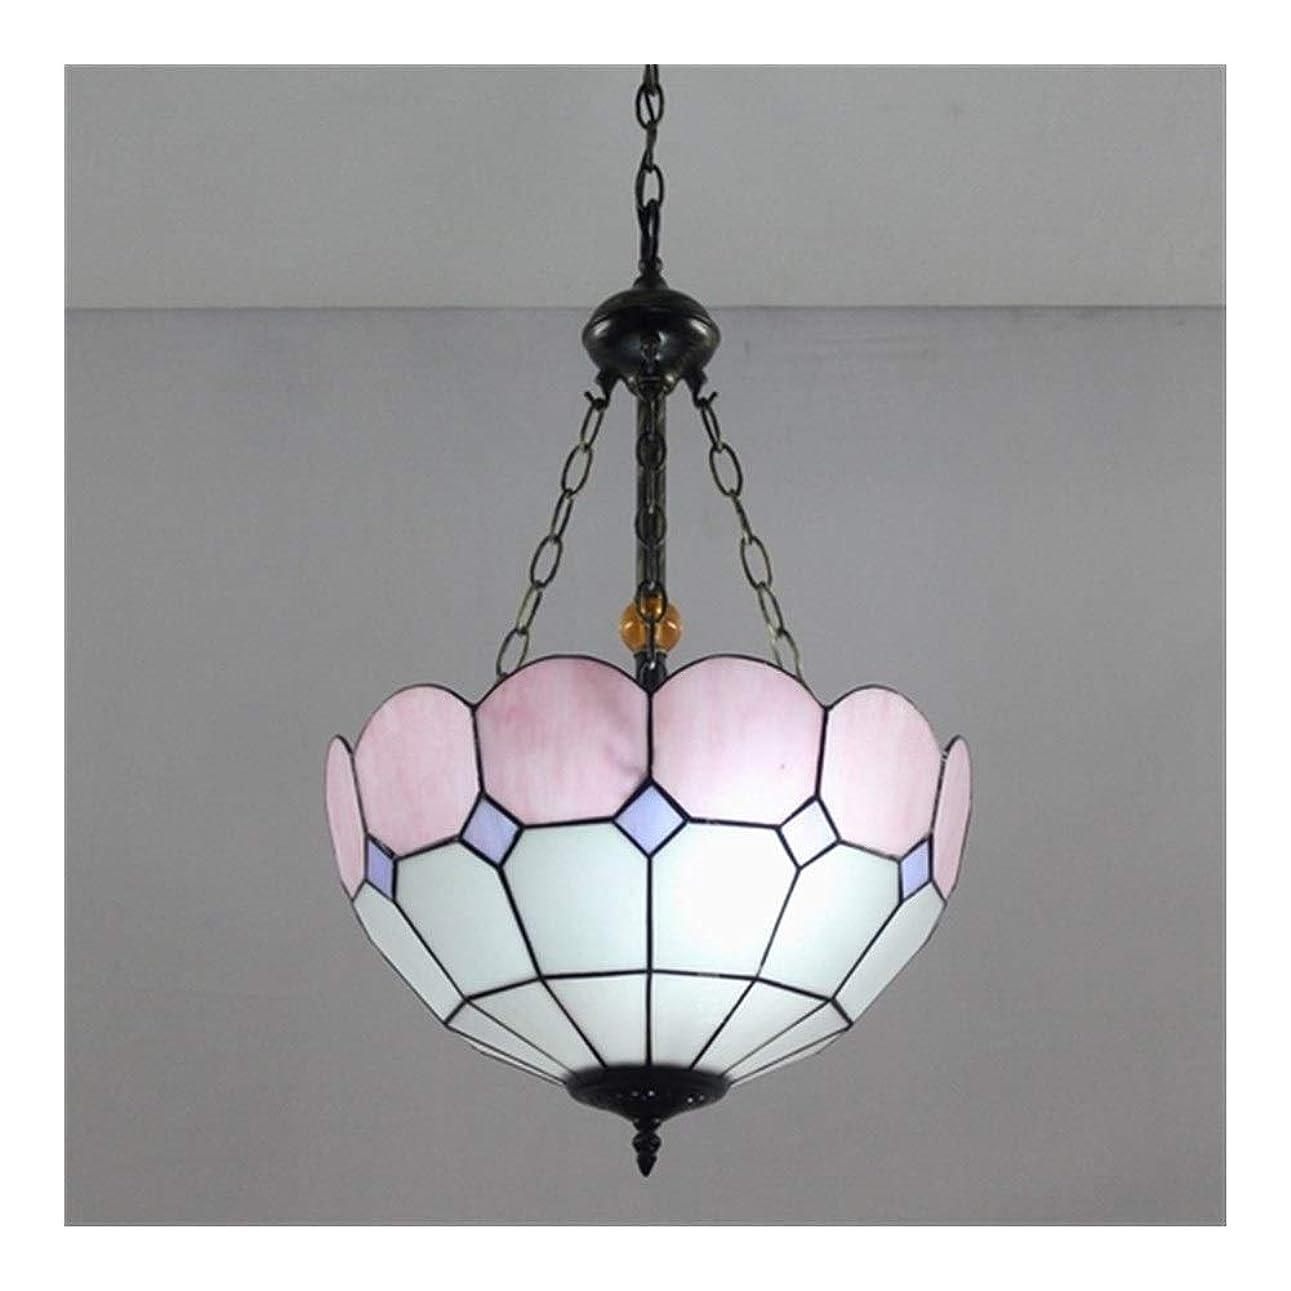 熟達シーフード晩餐家の装飾のための色付きのガラスデザインの16インチ手作りティファニーシャンデリアランプ